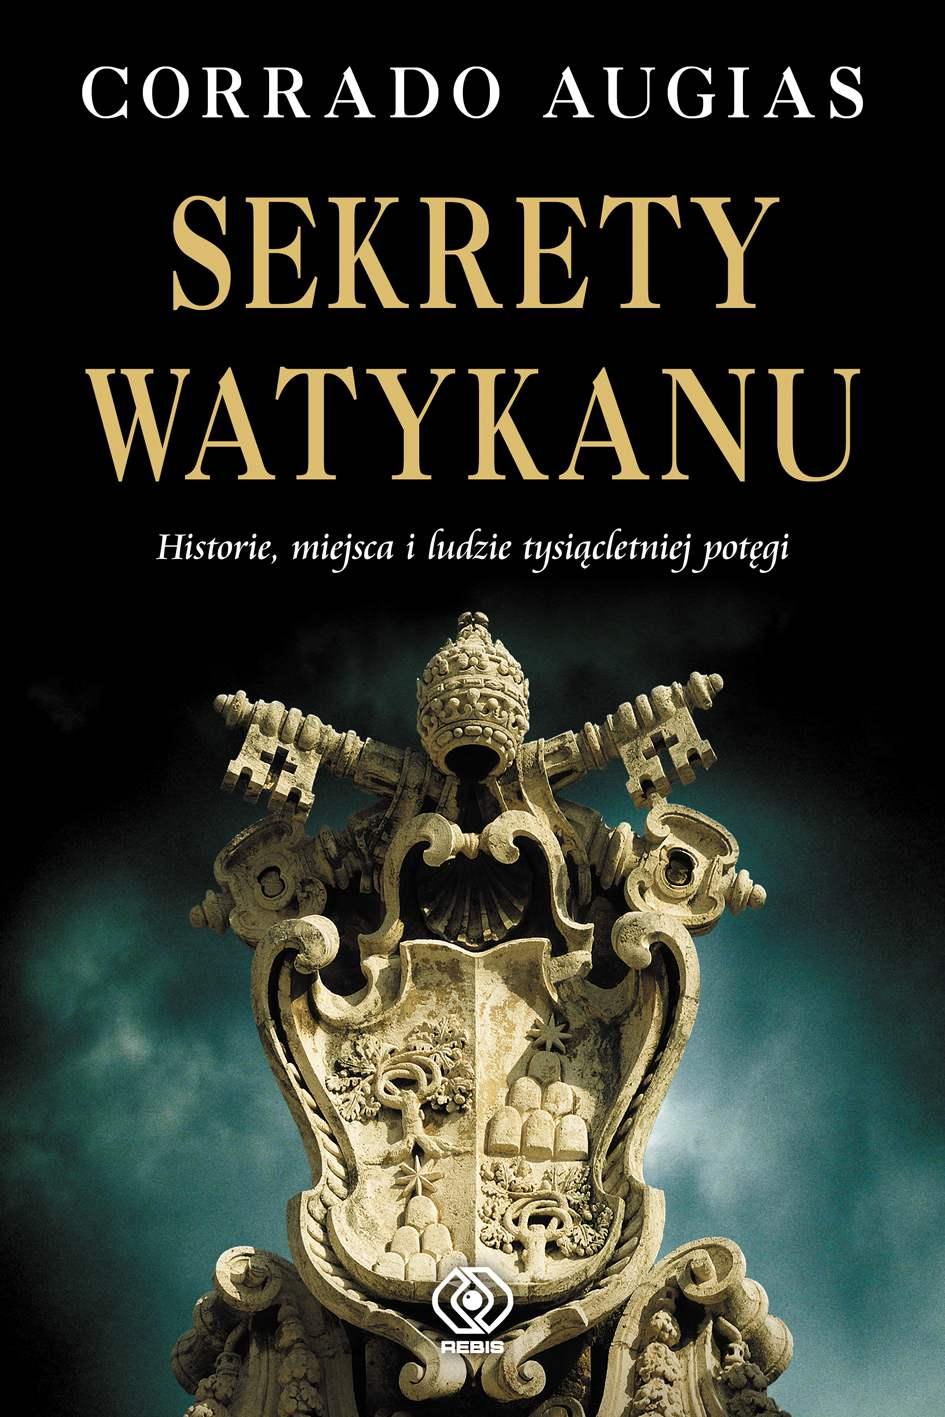 Sekrety Watykanu - Ebook (Książka EPUB) do pobrania w formacie EPUB